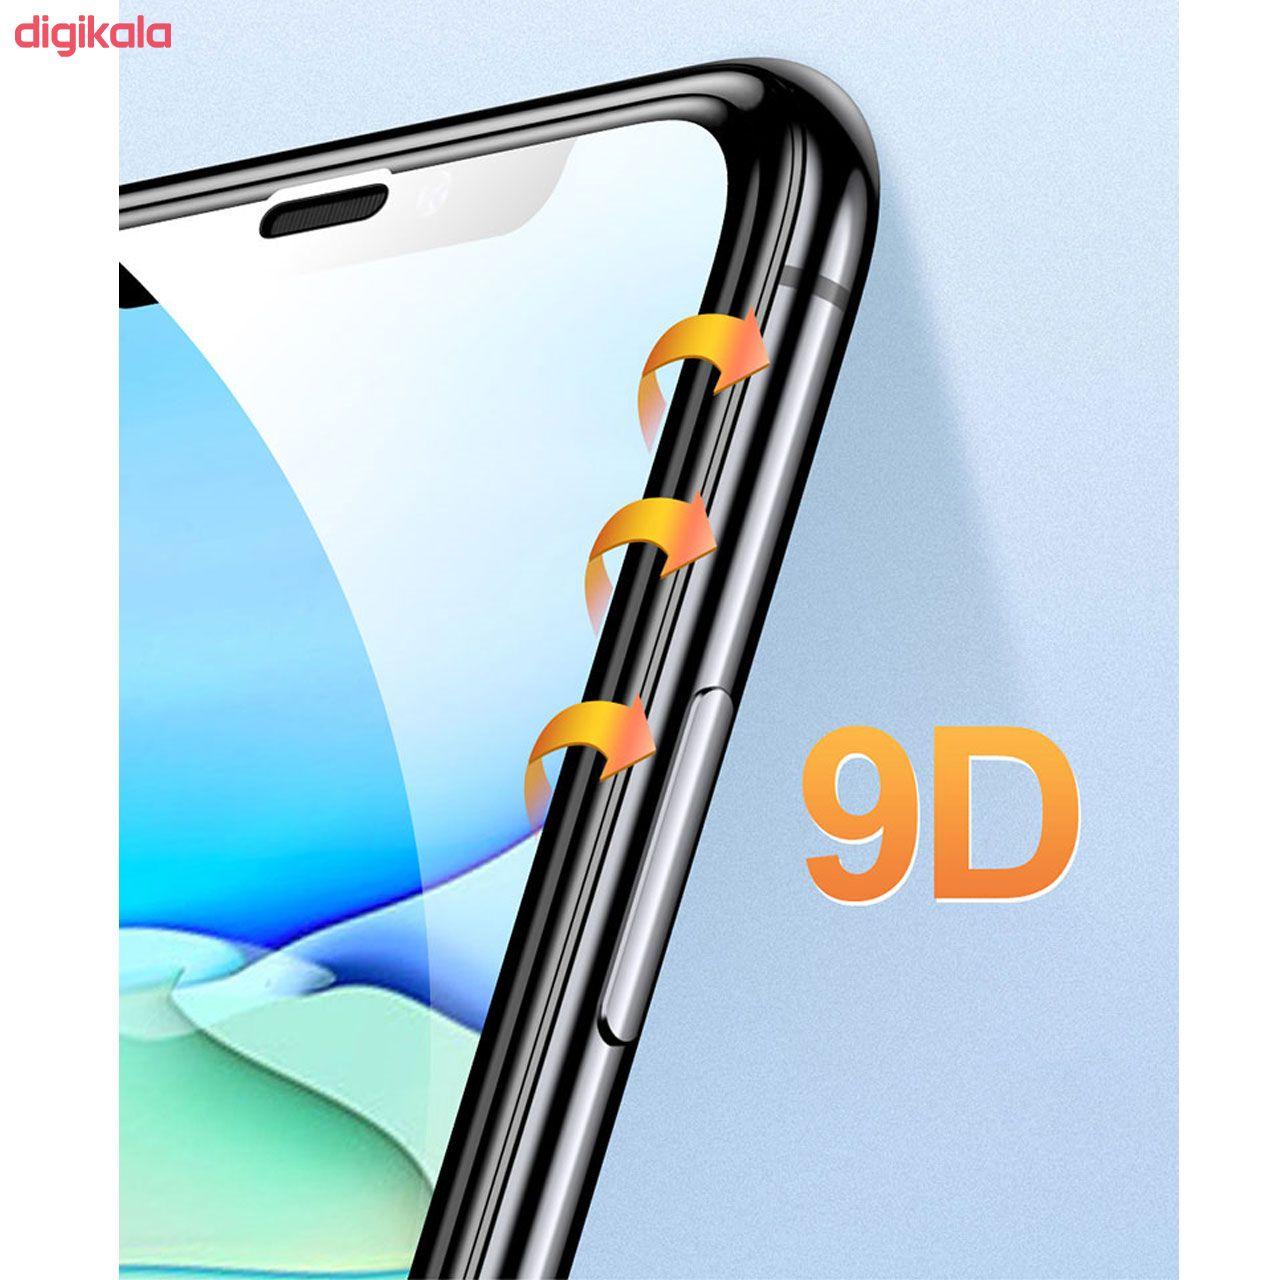 محافظ صفحه نمایش مدل FCG مناسب برای گوشی موبایل اپل iPhone 12 Pro Max بسته دو عددی main 1 6